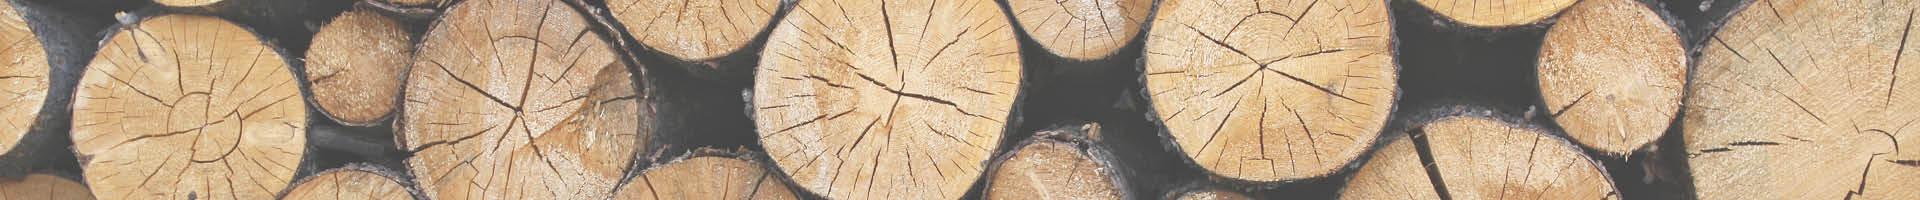 Holzverarbeitungs-Maschinen – Leasing, Mietkauf, Darlehen